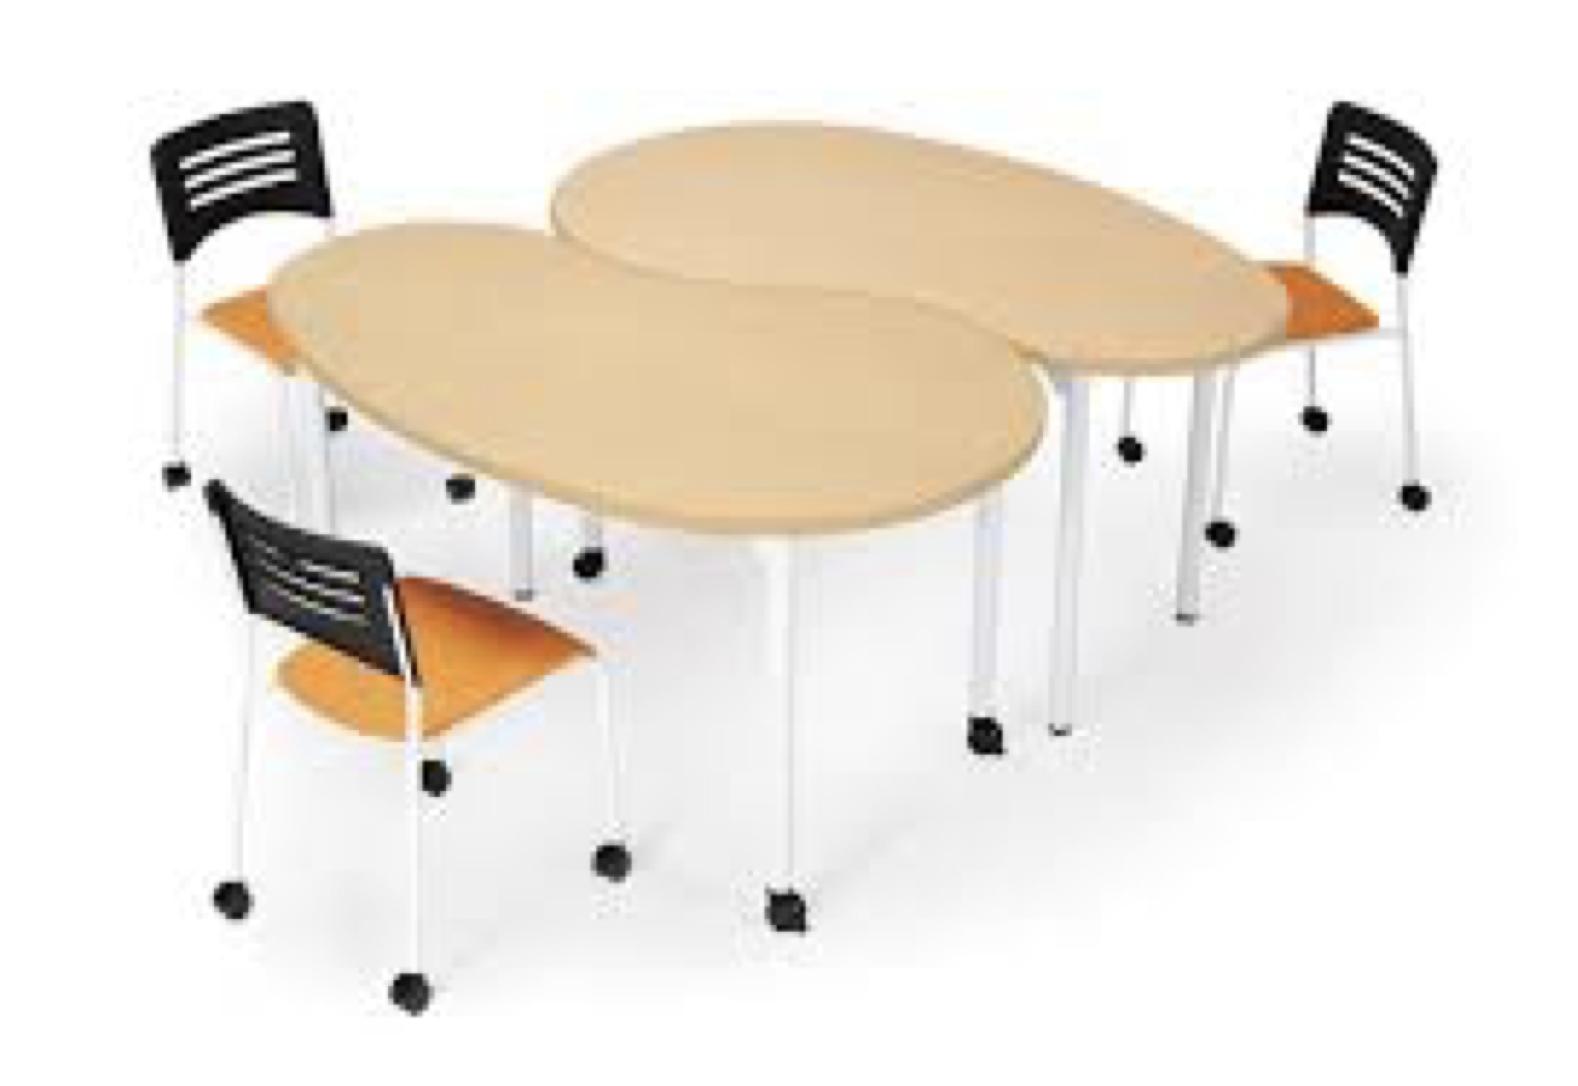 特殊な形で学校やオフィスなどでレイアウトしたテーブル